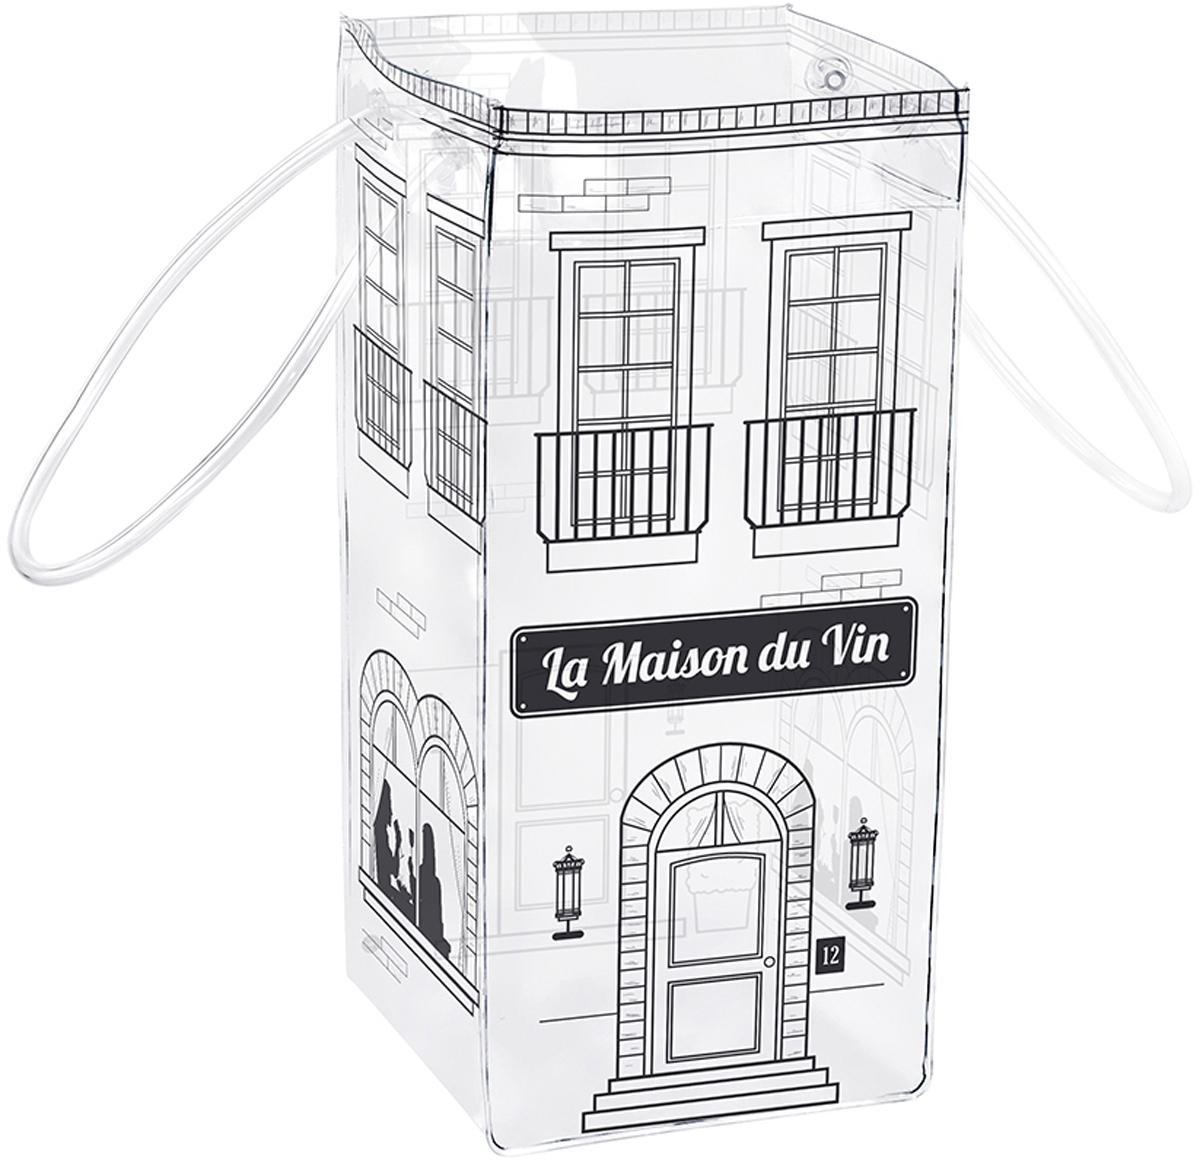 Сумка для охлаждения бутылок Balvi La Maison Du Vin, цвет: прозрачный26129Для тех, кто любит употреблять охлажденные напитки, прекрасно подойдет сумка для охлаждения бутылок La Maison Du Vin. Ее удобно брать с собой, так как у нее есть ручки. Для охлаждения напитка достаточно засыпать в нее лед и поставить туда бутылку. Эта сумка подходит для вина, шампанского и других более крепких напитков. Пока вы едете в свой выходной на отдых, бутылка в этой сумке будет охлаждаться. Особенно это актуально в летнюю жару, если вы любите отдыхать на пляже, на рыбалке или просто красивом живописном месте. - Удобные ручки для переноски.- Универсальна, подходит для охлаждения любых напитков.- Проста в использовании - нужно засыпать лед и поставить бутылку.